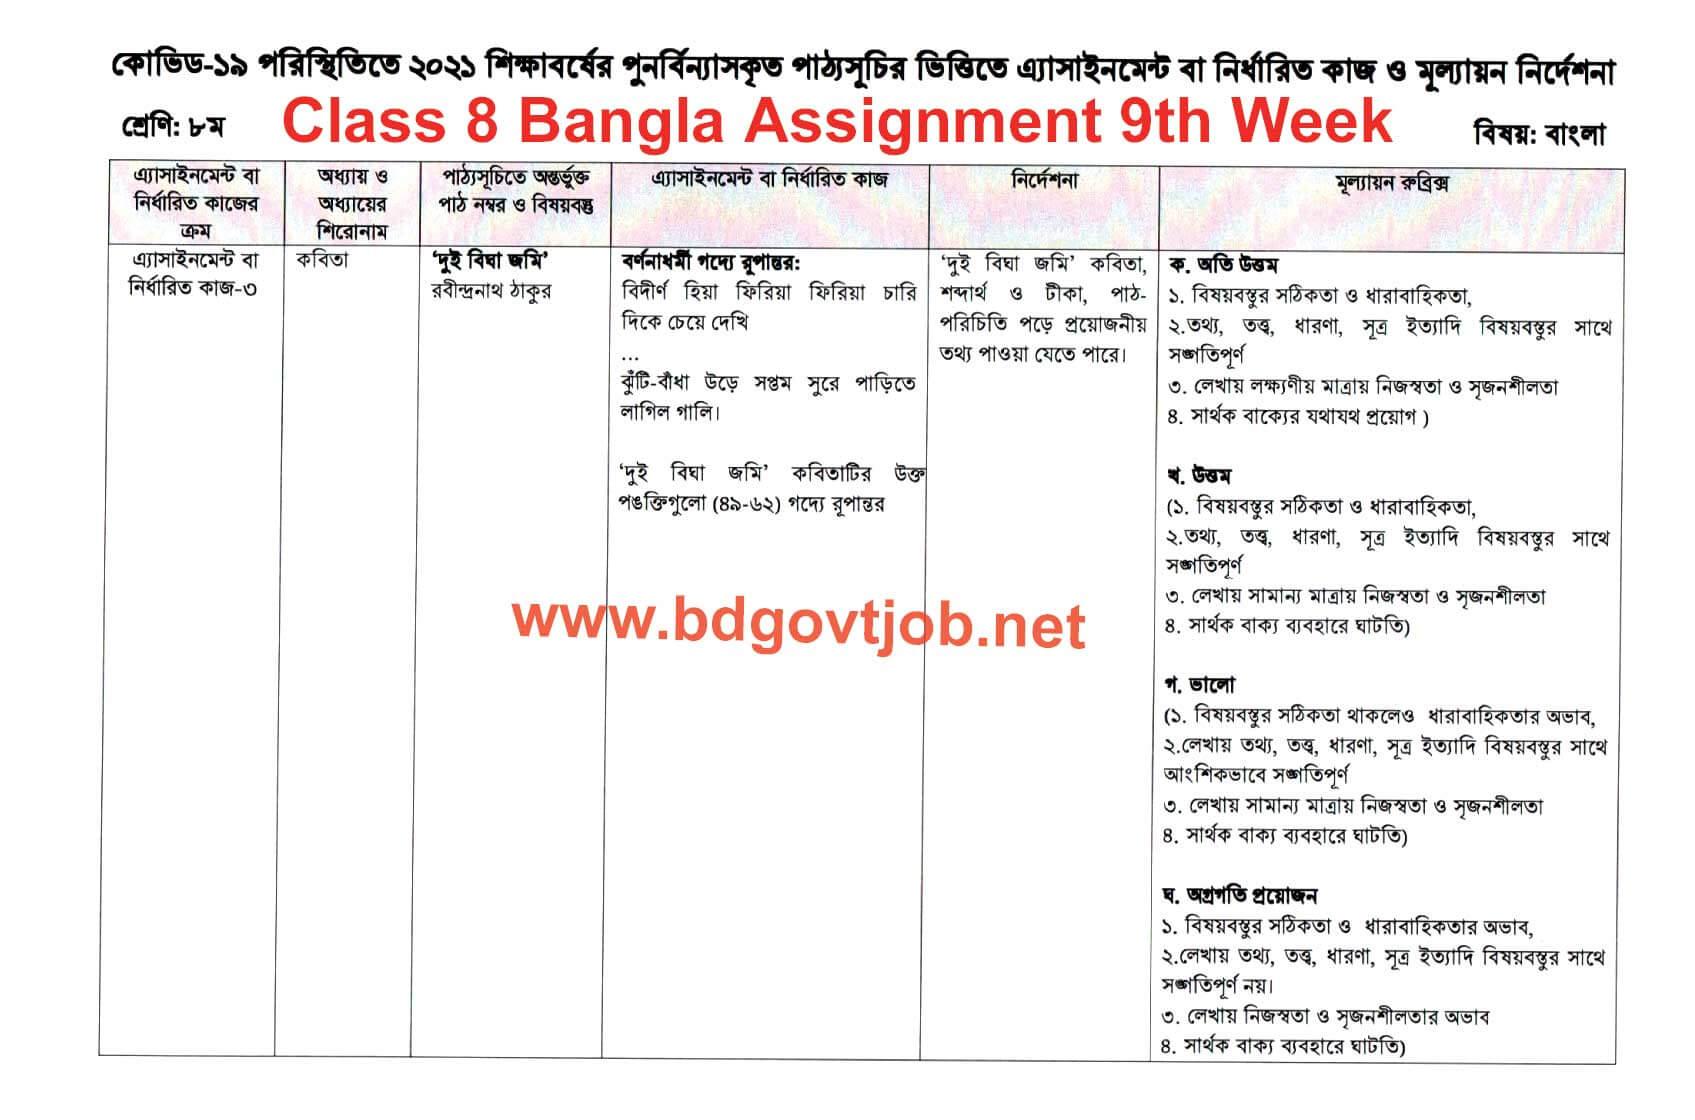 Class 8 Assignment Bangla 9th week